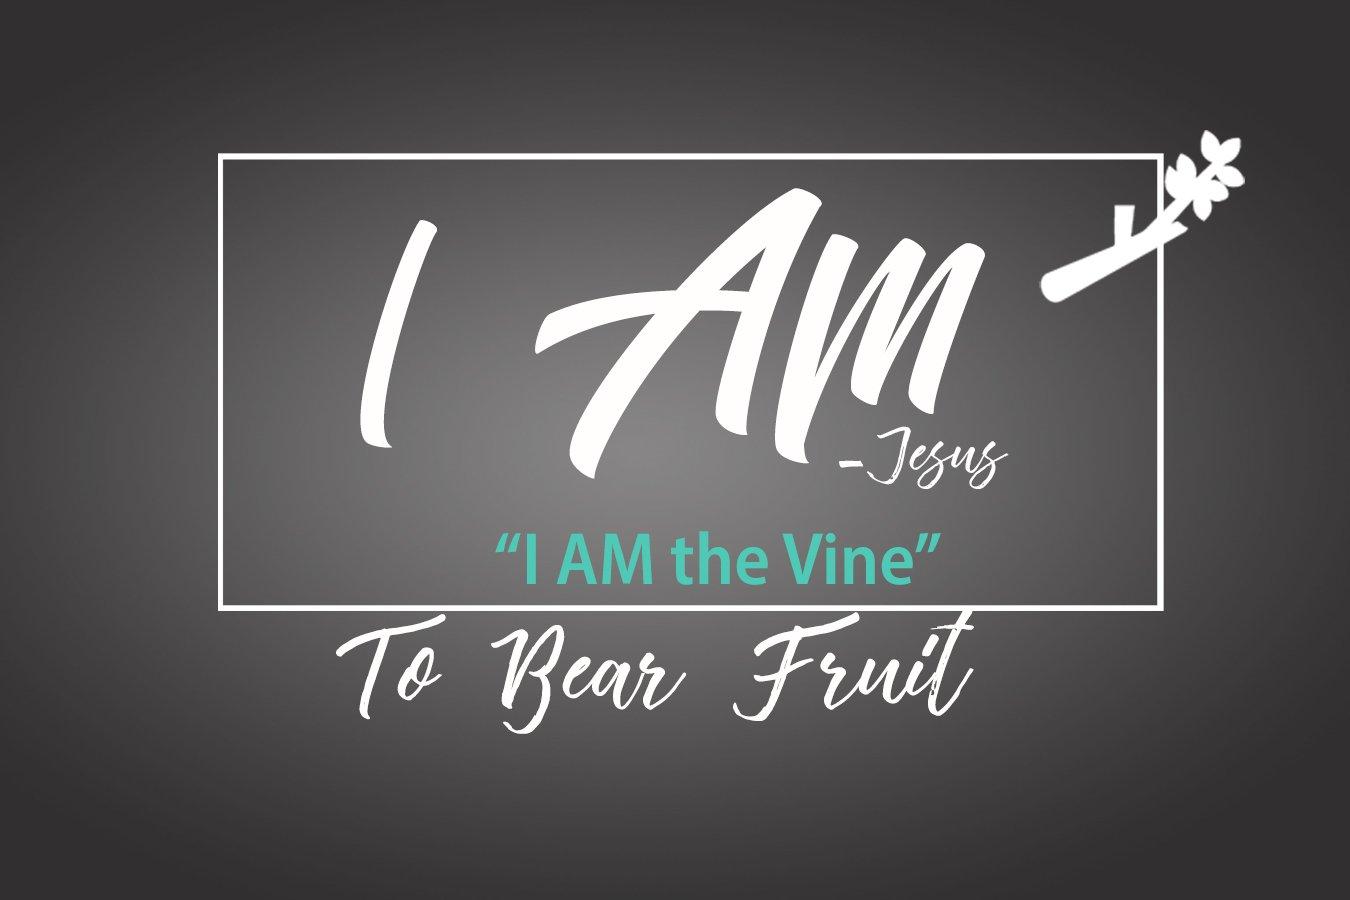 To Bear Fruit